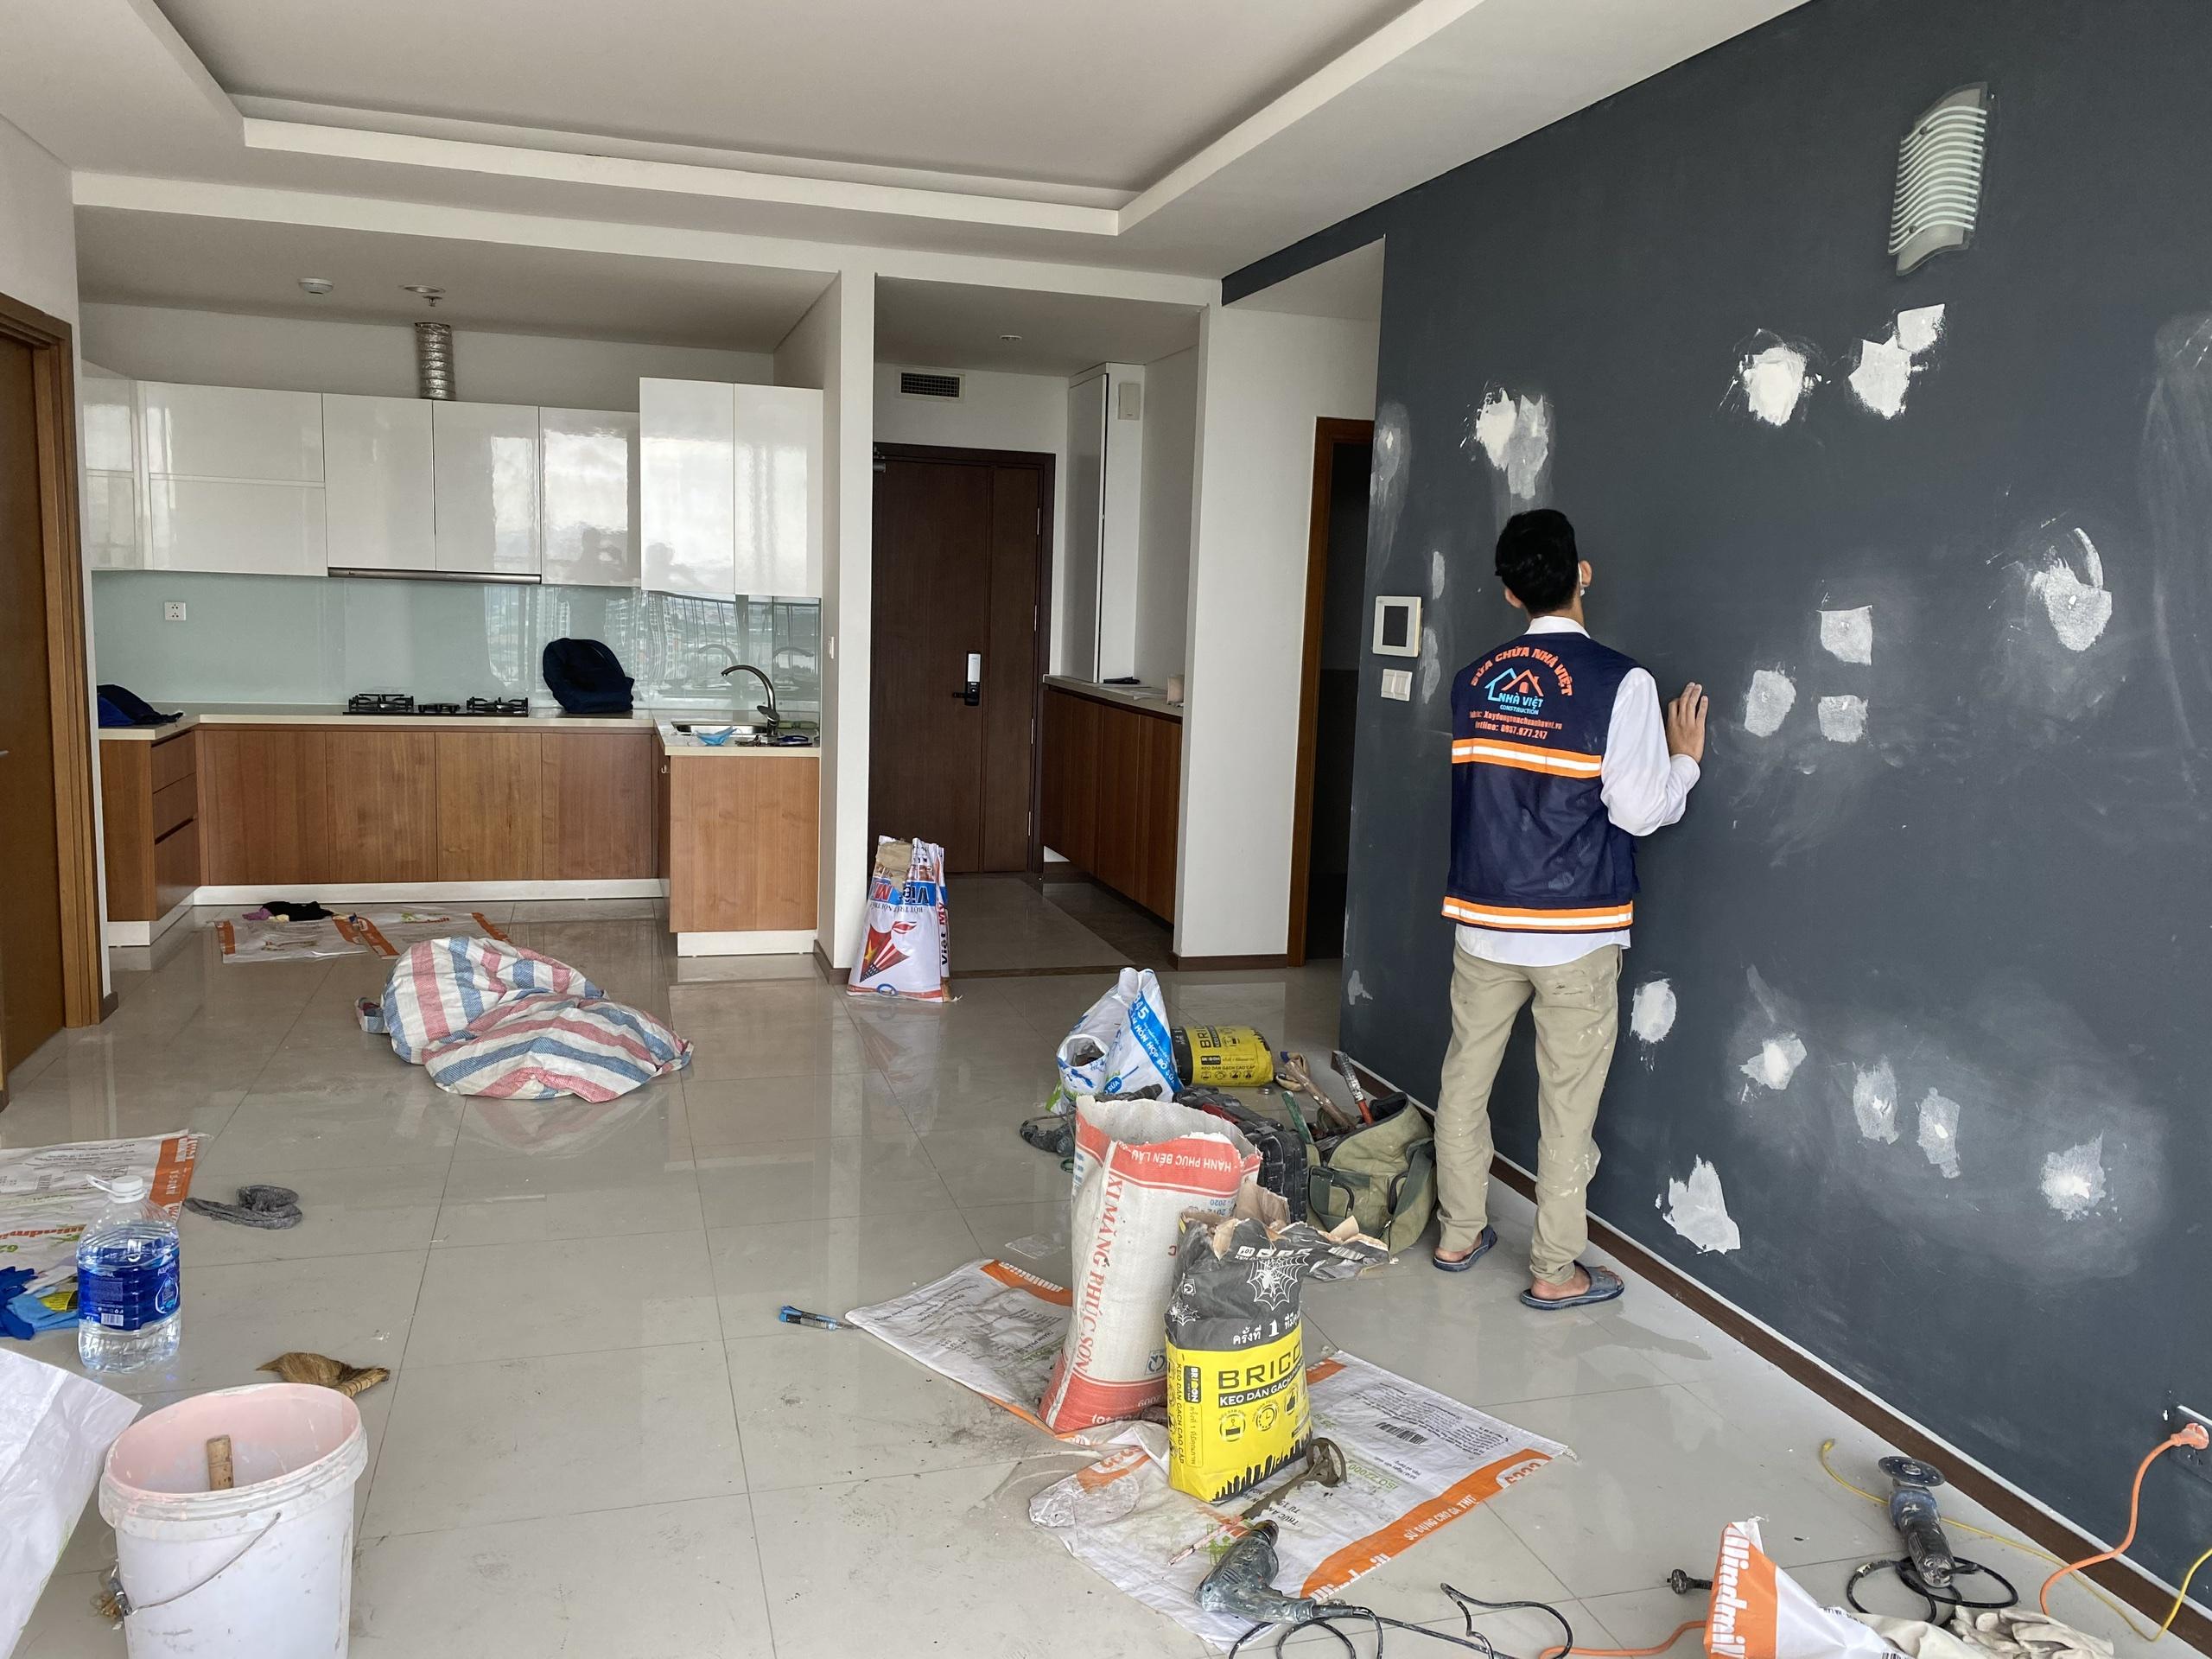 sua chua can ho chung cu tphcm 1 - Sửa chữa căn hộ chung cư TP Hồ Chí Minh trọn gói từ A-Z UY TÍN